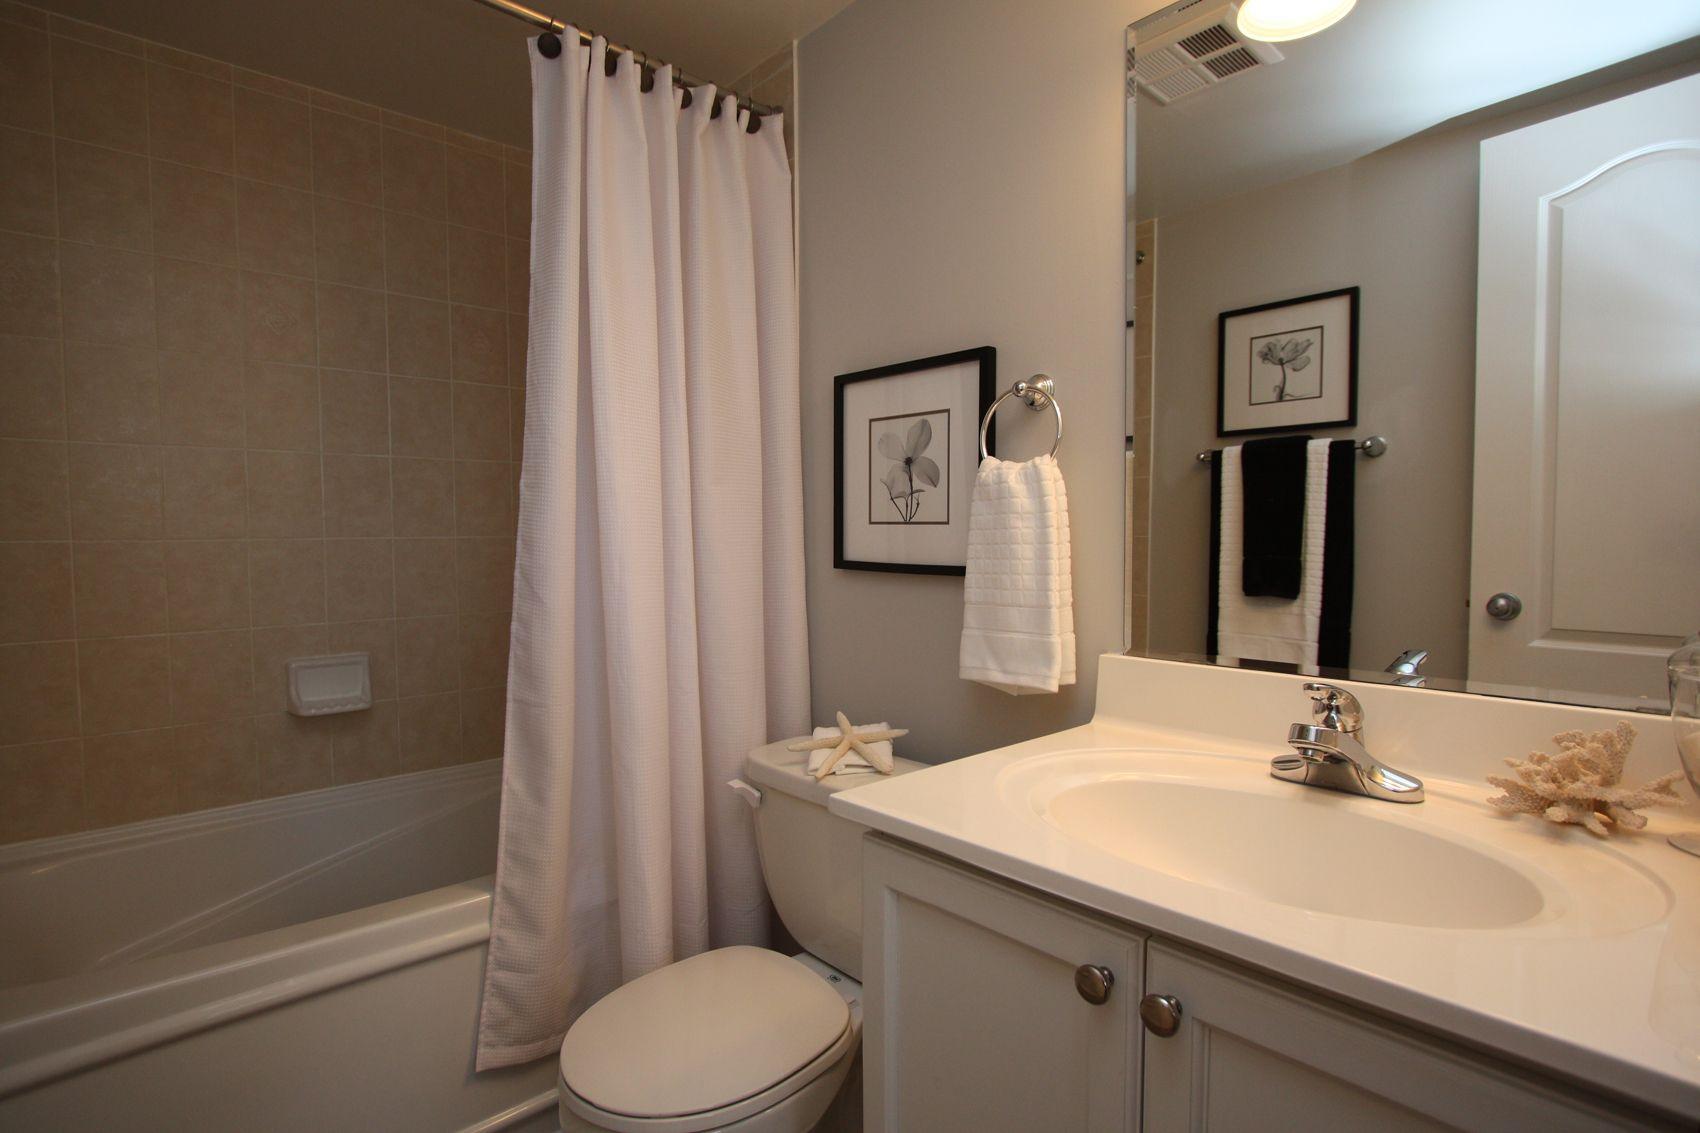 Ensuite Bathroom After Staging